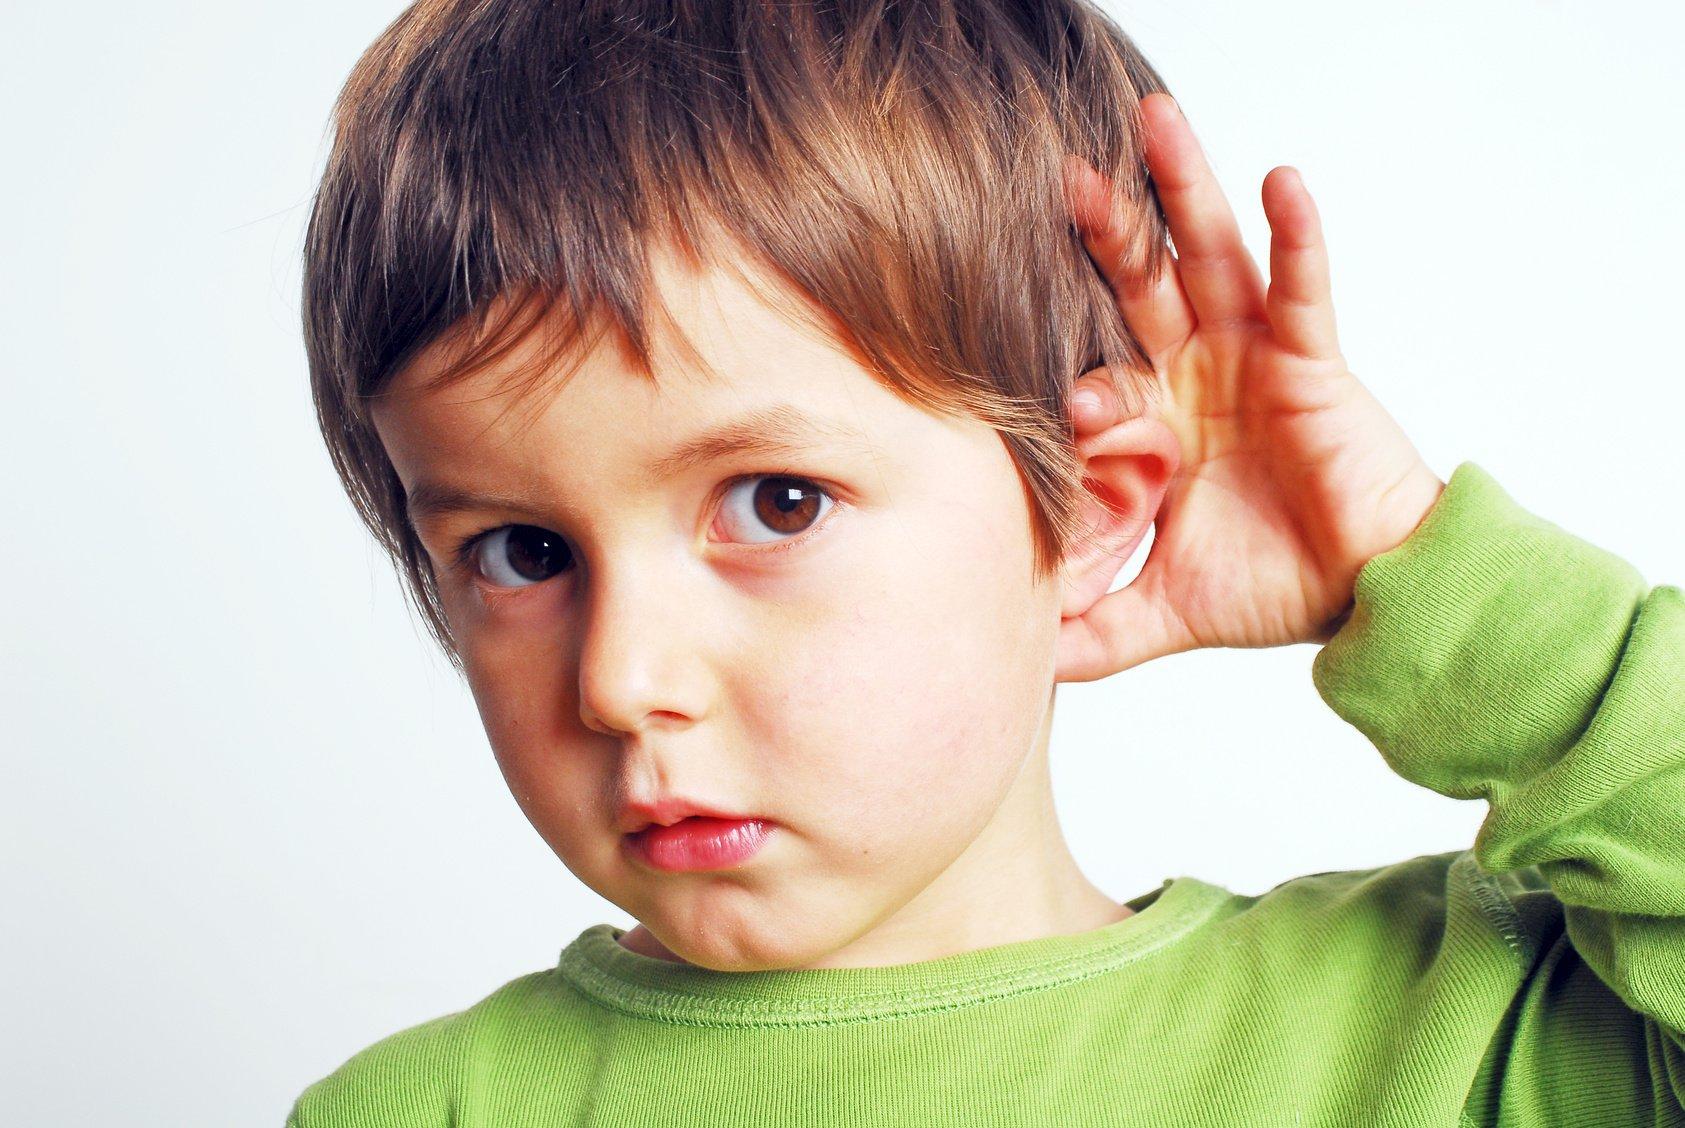 Гнойный отит у ребёнка: как распознать и вылечить?